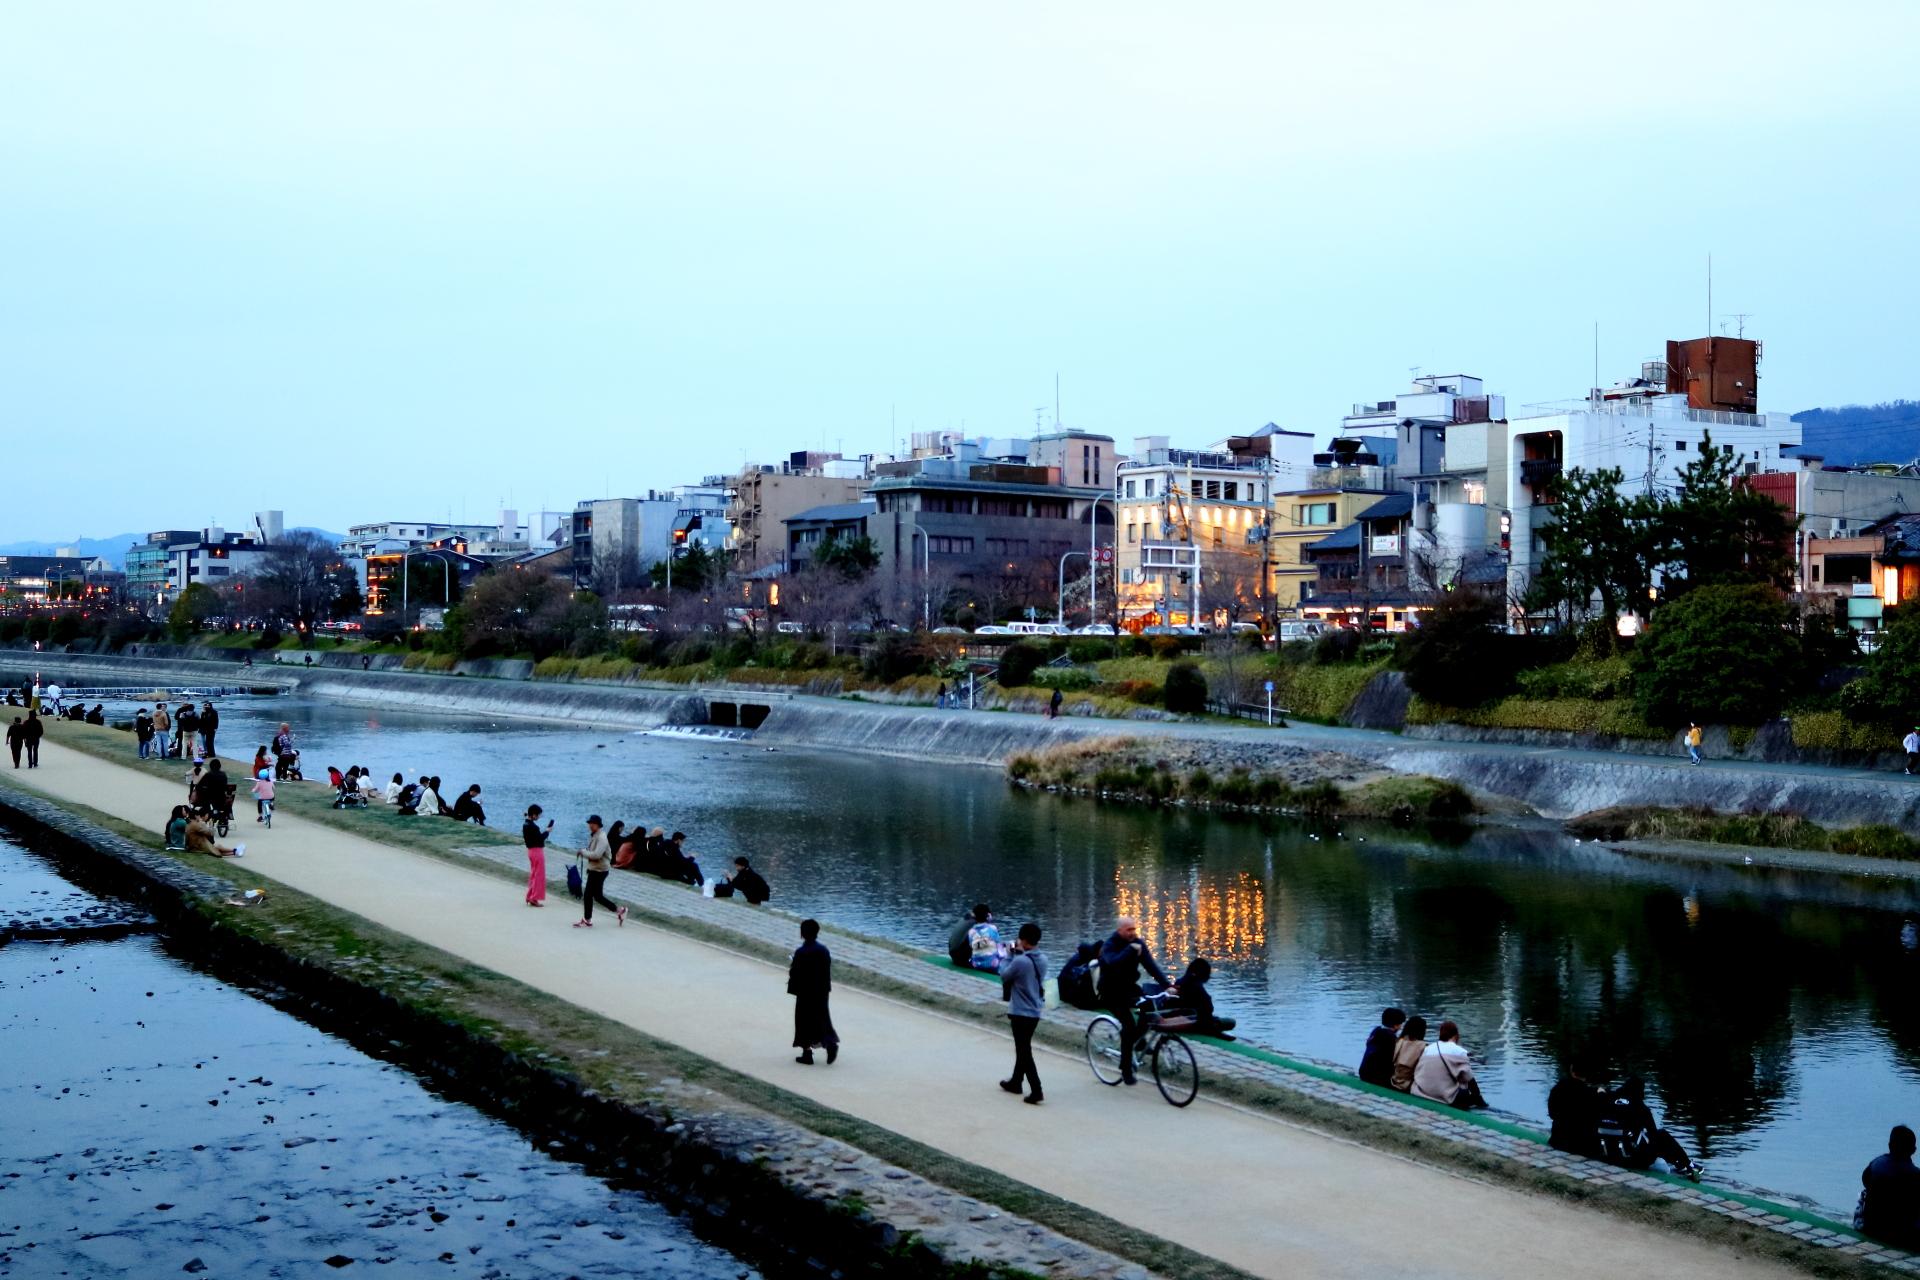 京都・四条大橋東詰からの夕方の鴨川(かもがわ)